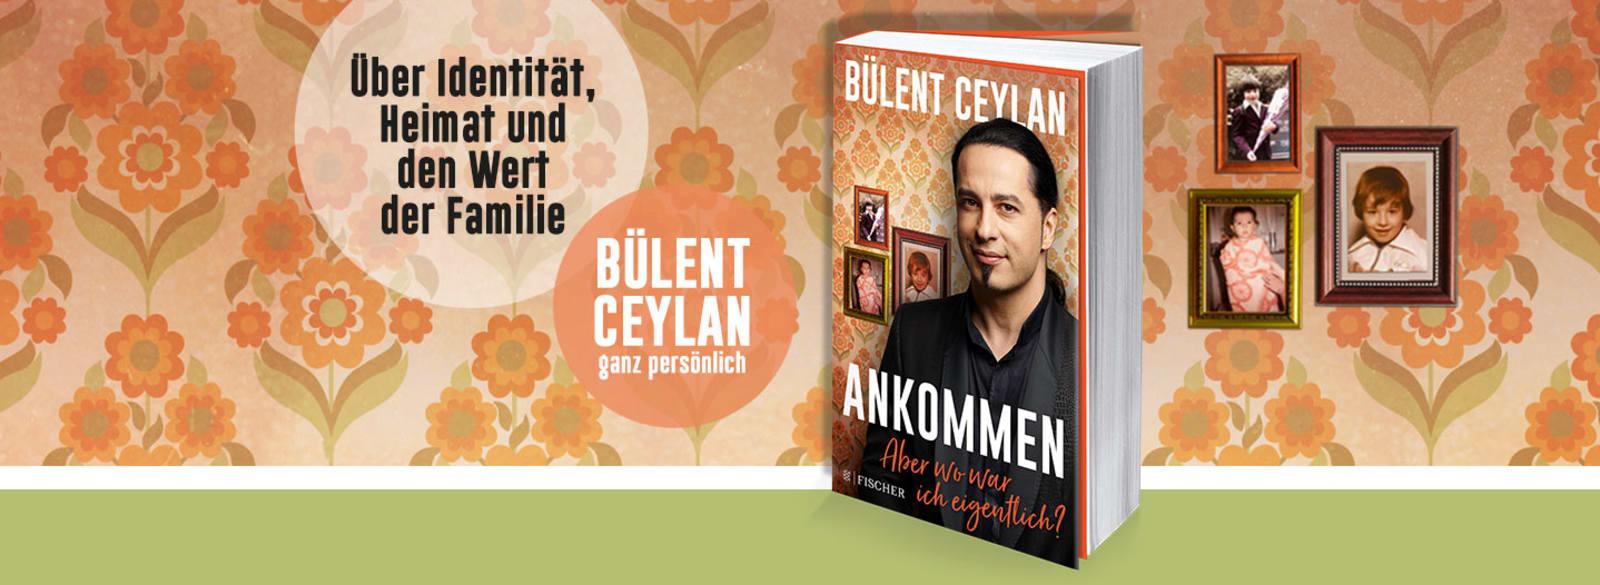 """Banner mit Cover """"Ankommen"""" von Bülent Ceylan"""